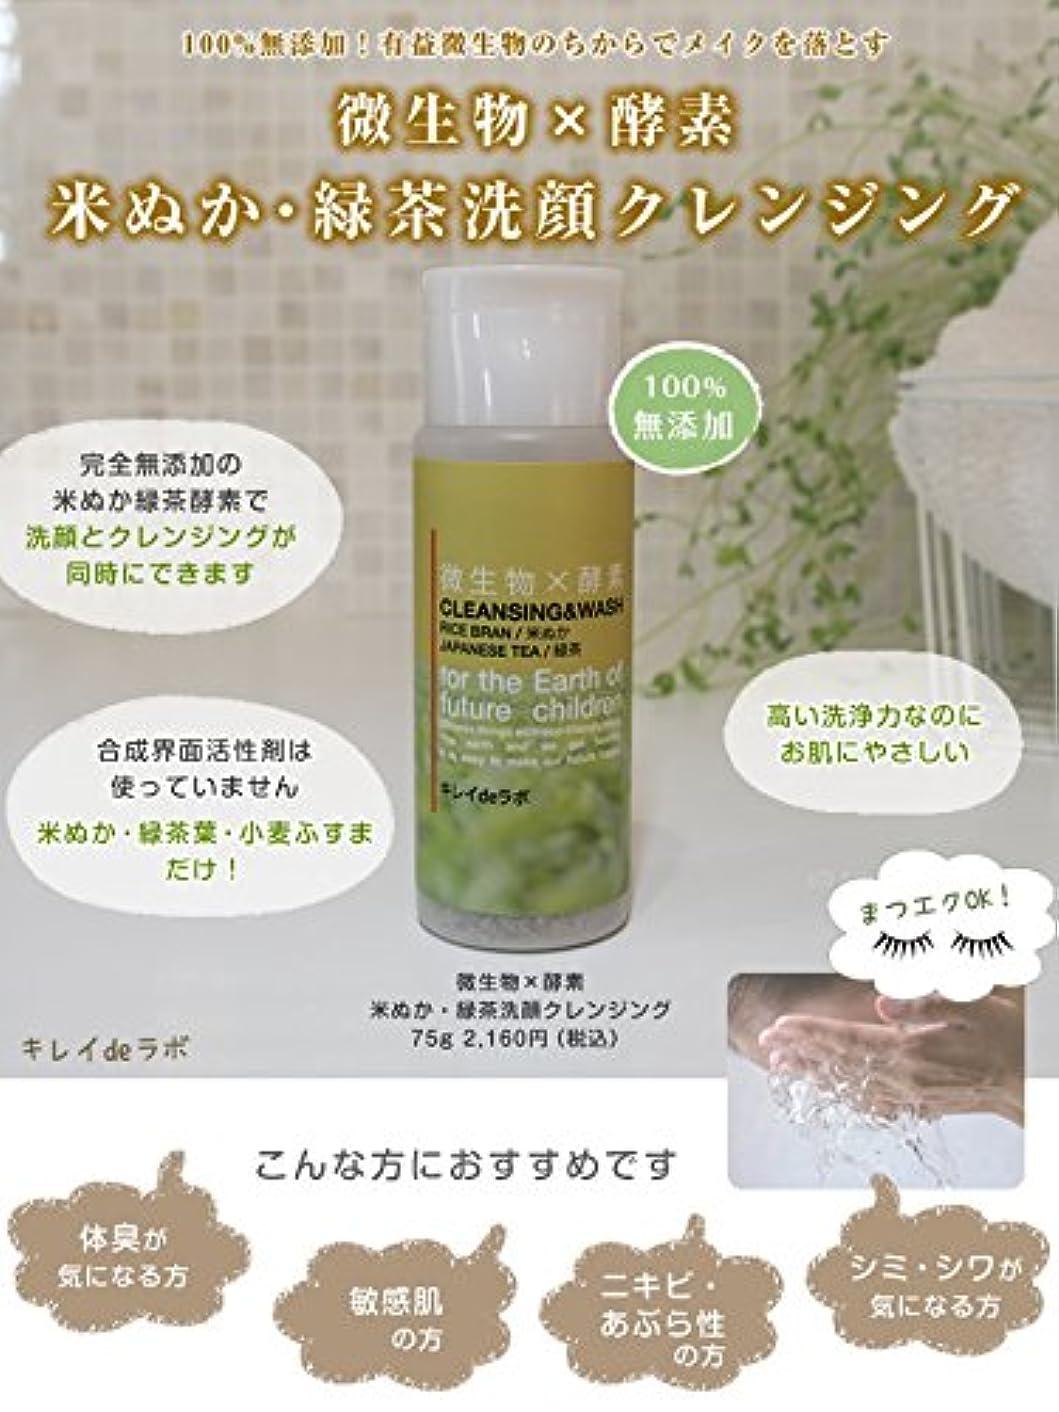 とペナルティ統治可能微生物×酵素 米ぬか緑茶洗顔クレンジング100%無添加 マツエクOK … (本体 75g) みんなでみらいを 米ぬか使用